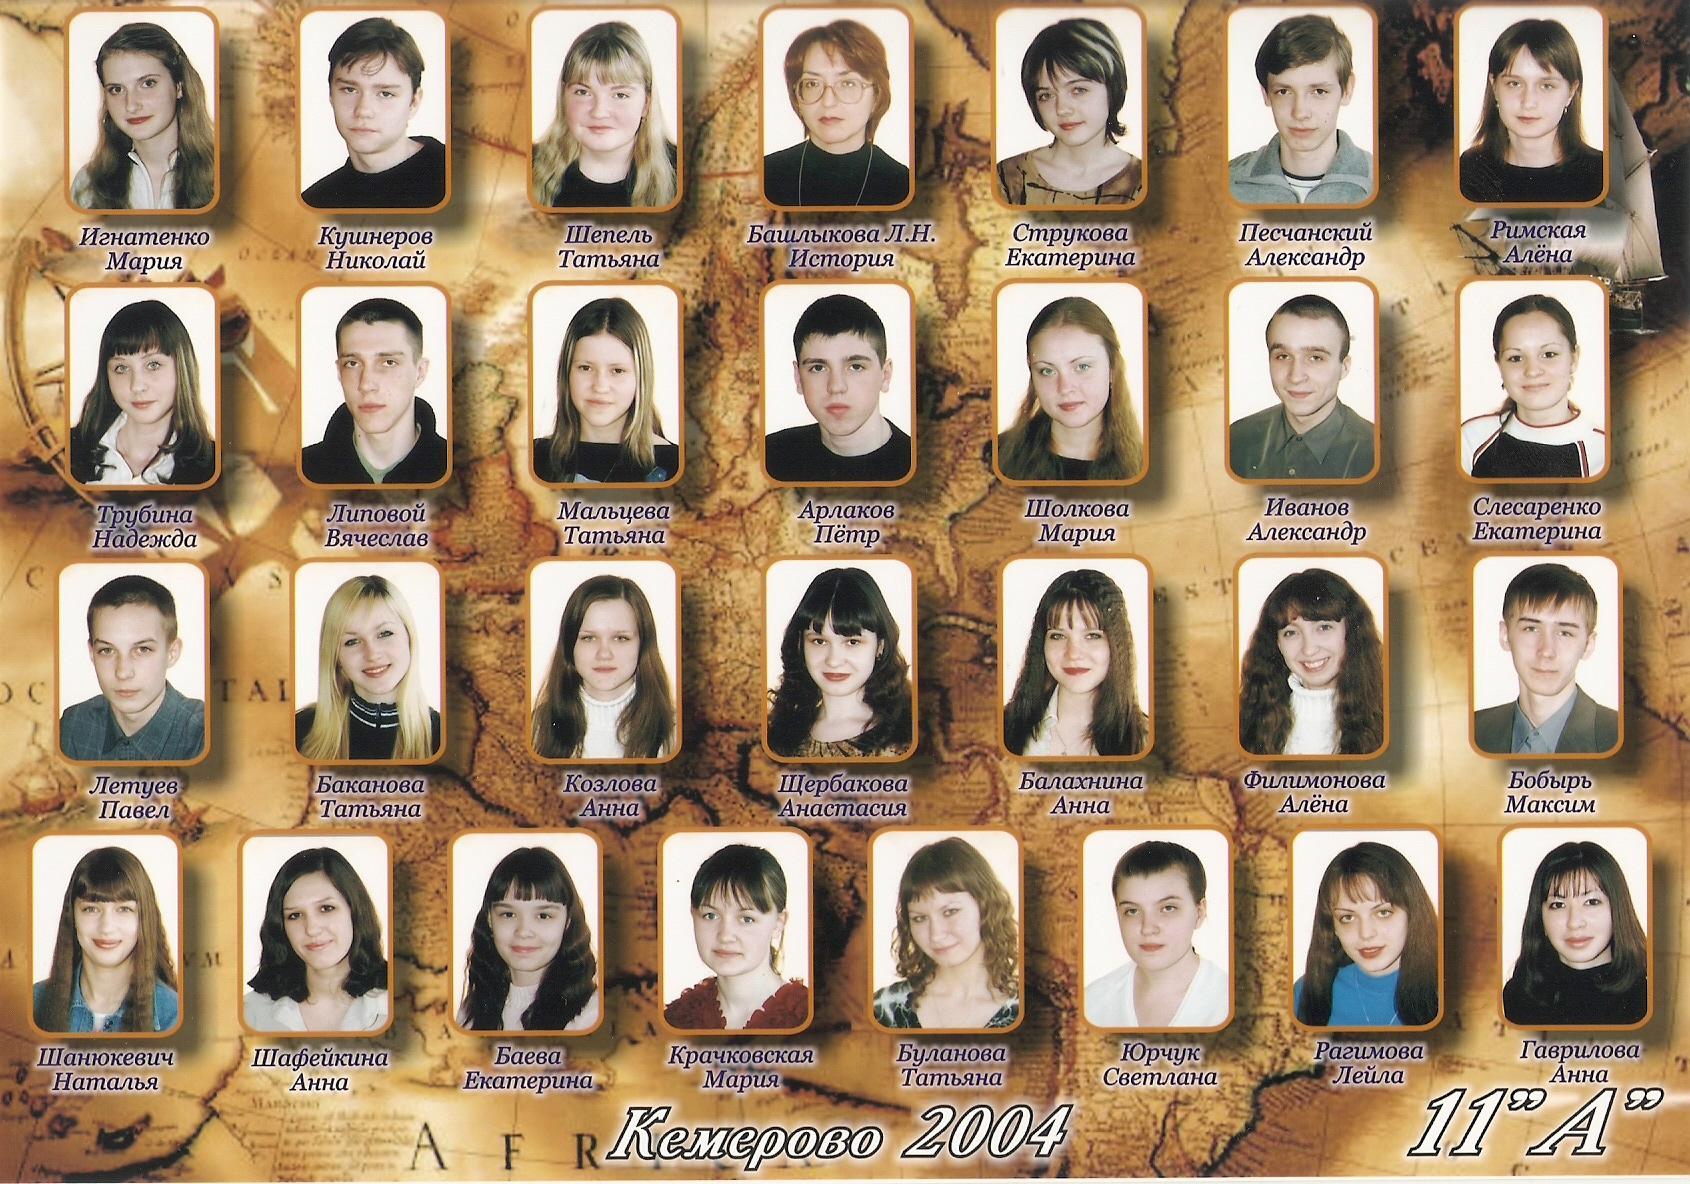 Выпуск 2004 Музей школы 11 Кемерово